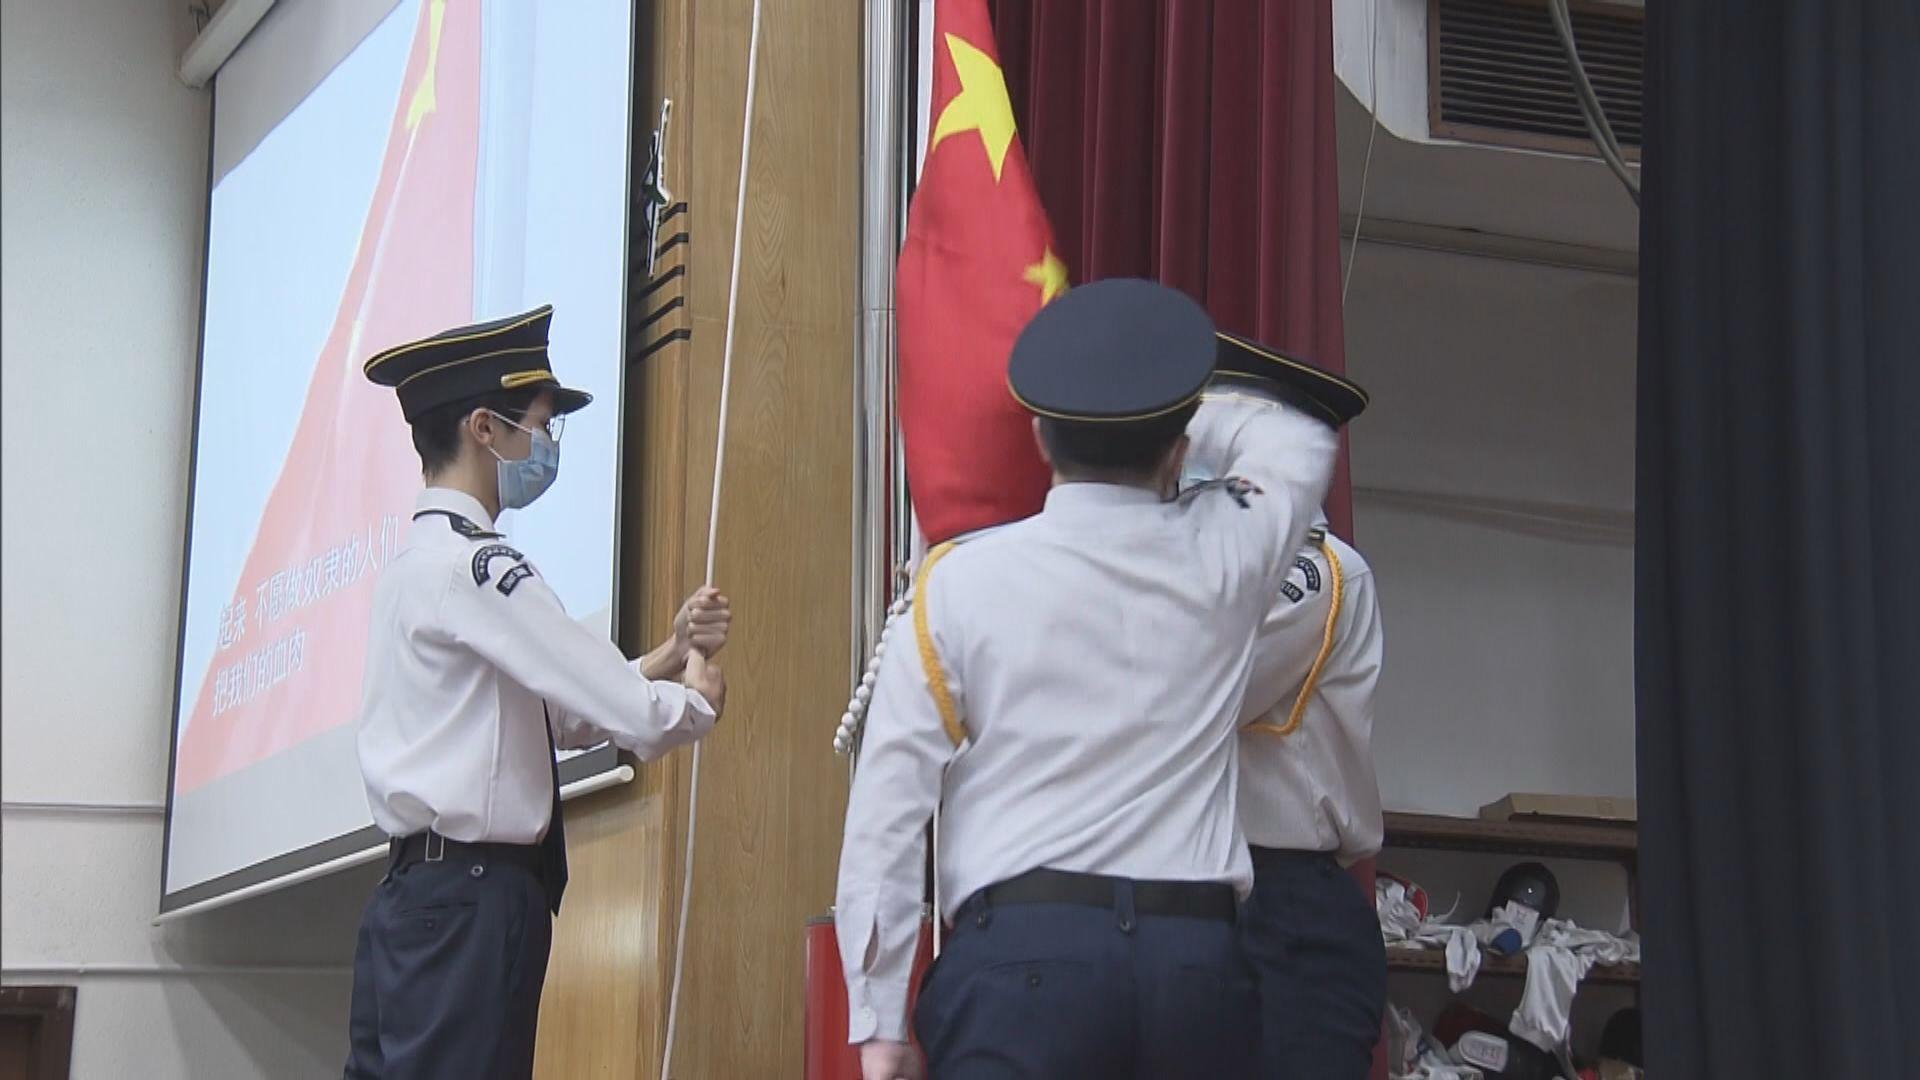 國歌法生效首個回歸紀念日 有學校舉行升旗儀式